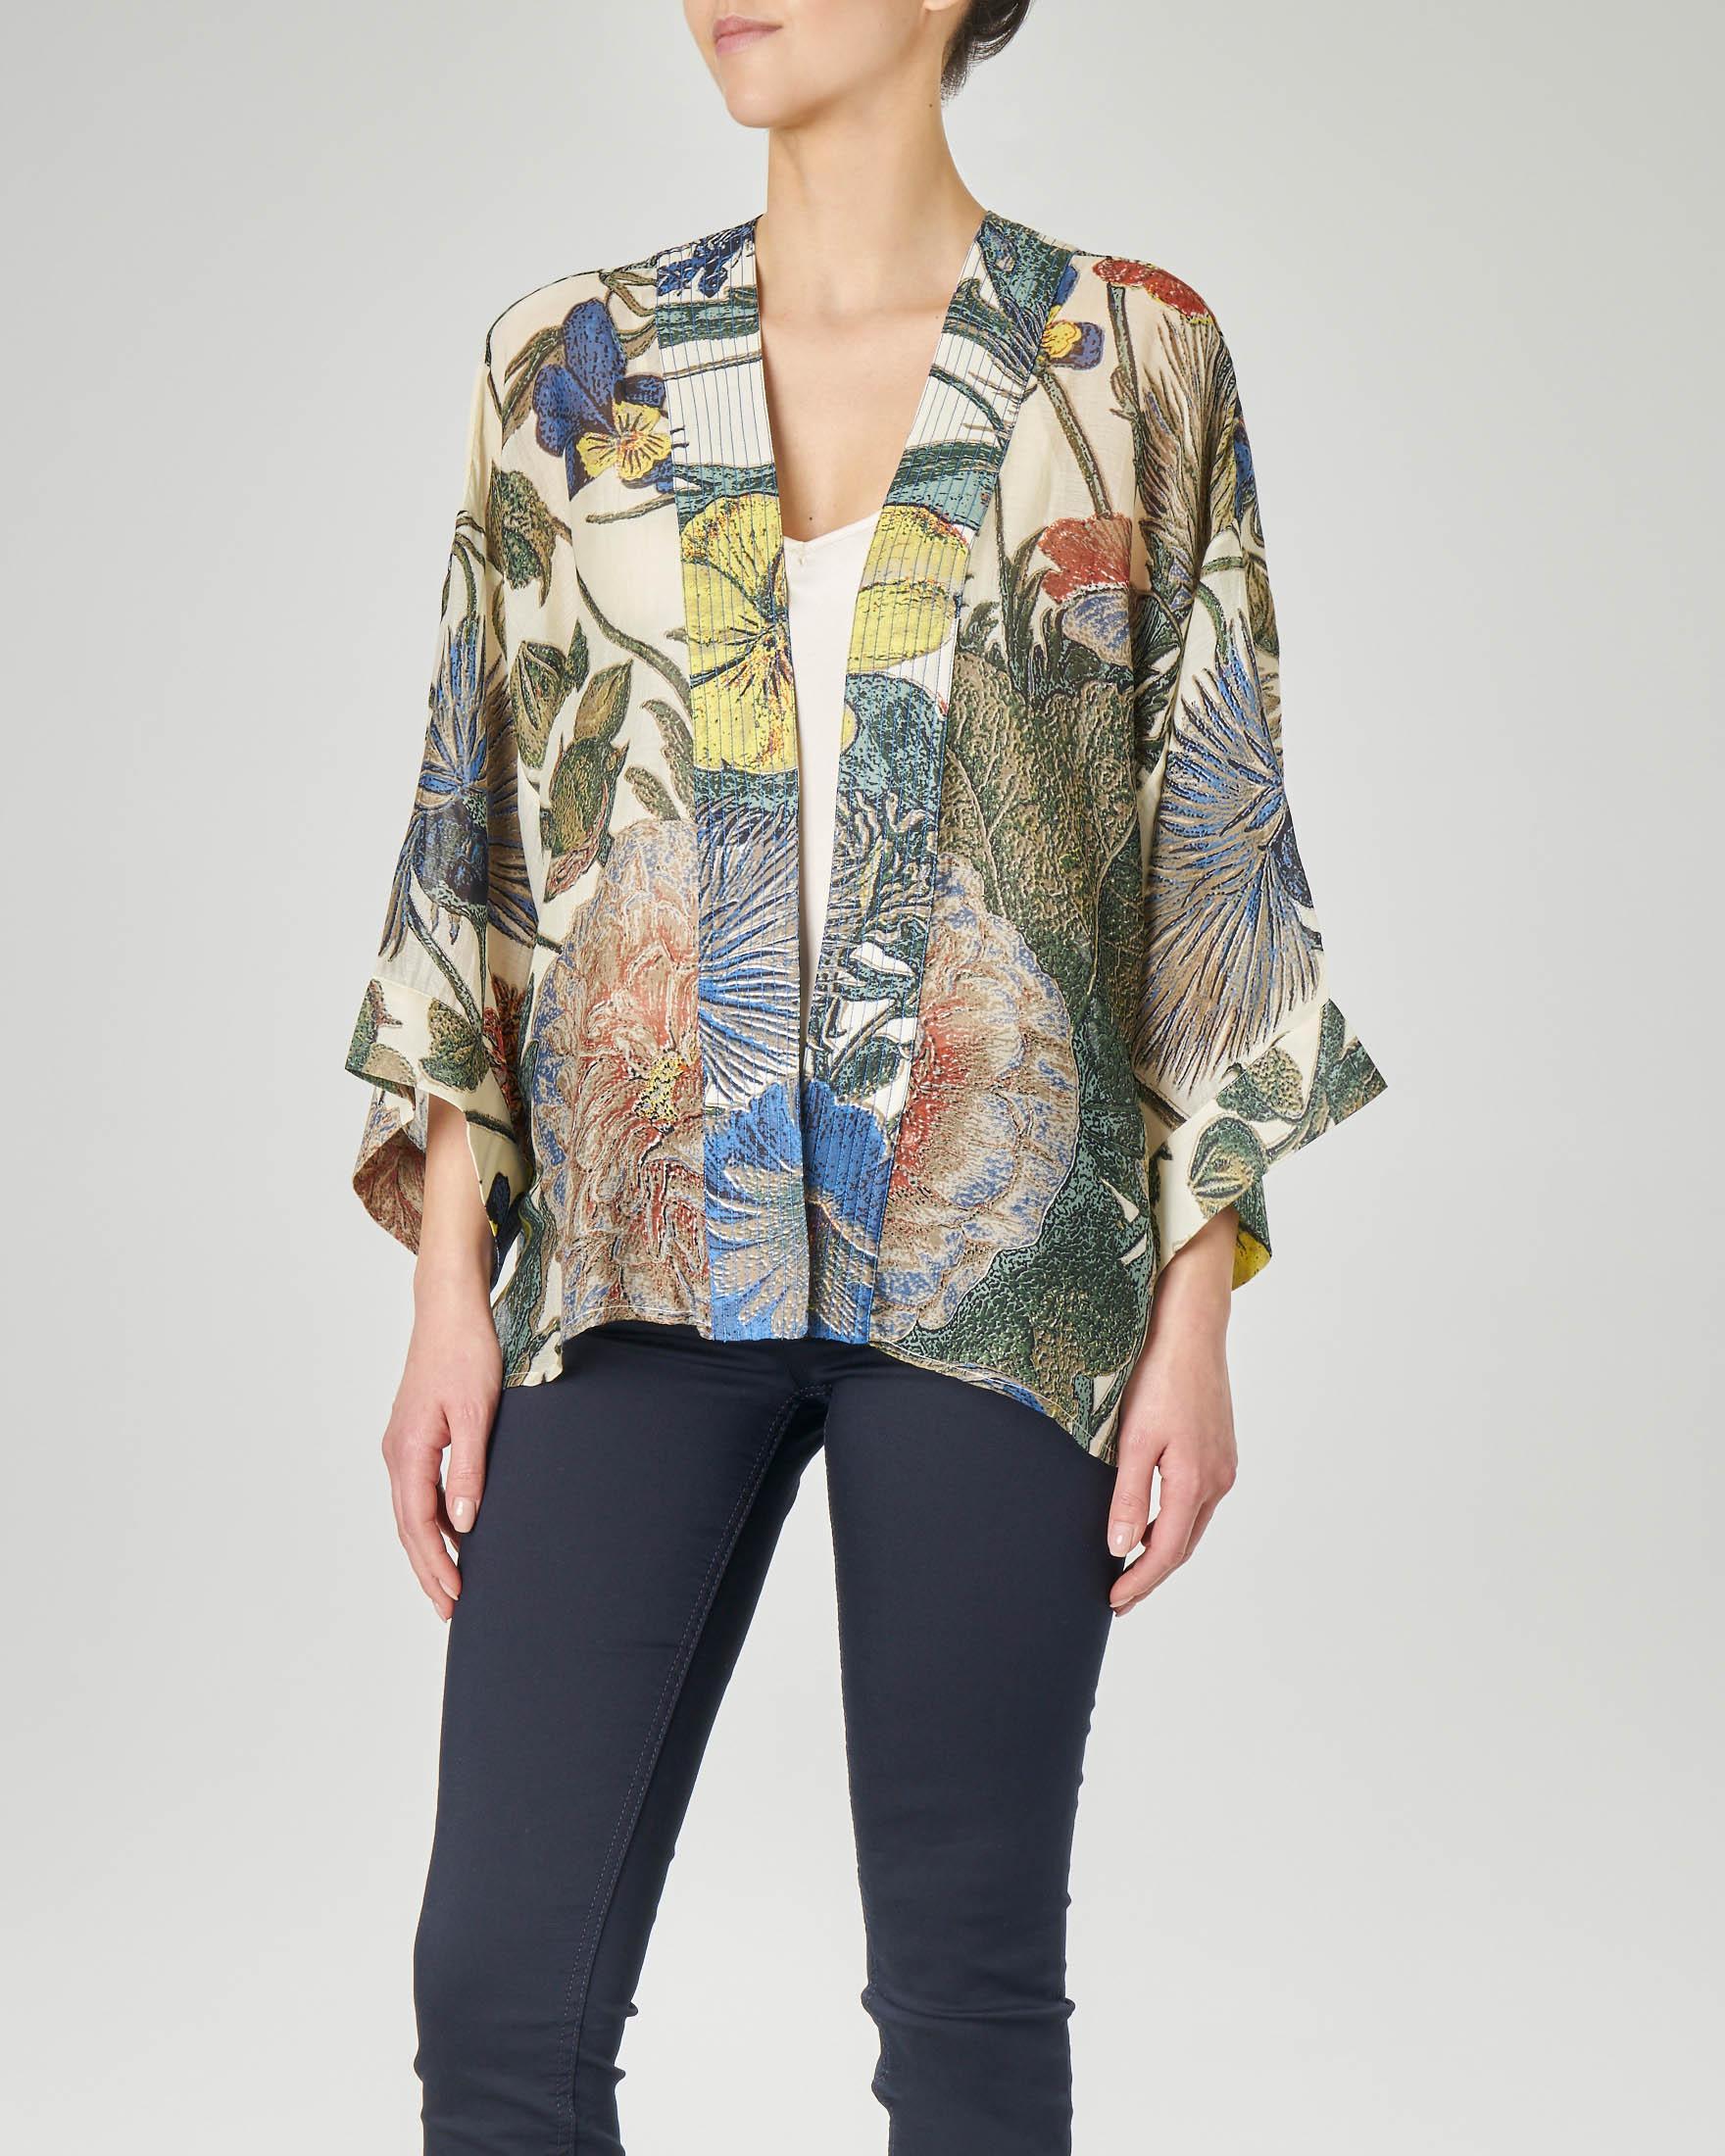 Kimono corto in viscosa misto modal color crema con stampa fiori gialli e blu